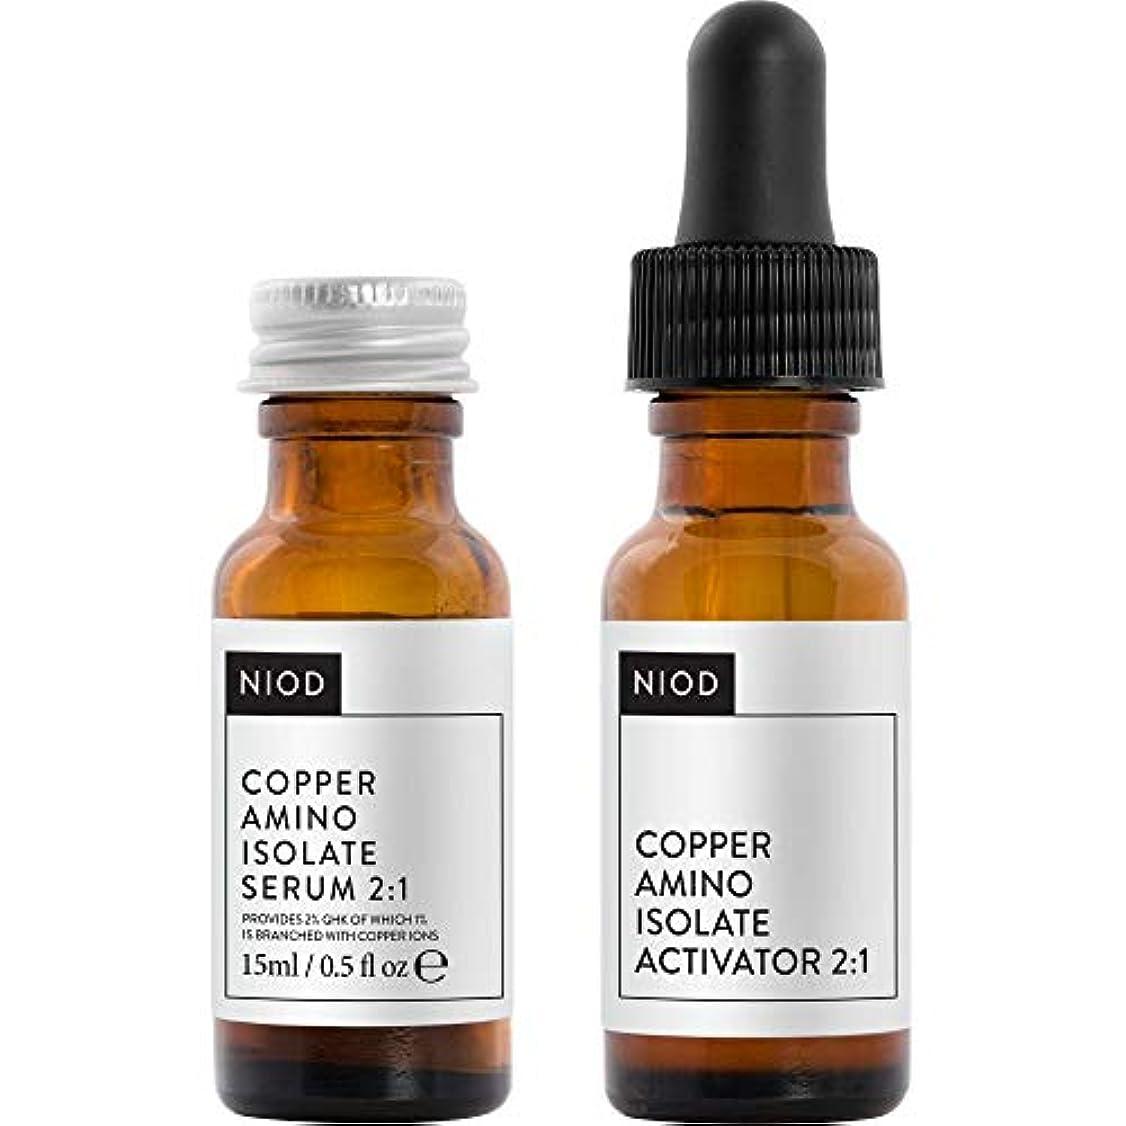 介入する主に革新[NIOD] Niod銅アミノ分離株の血清2:1 15ミリリットル - NIOD Copper Amino Isolate Serum 2:1 15ml [並行輸入品]